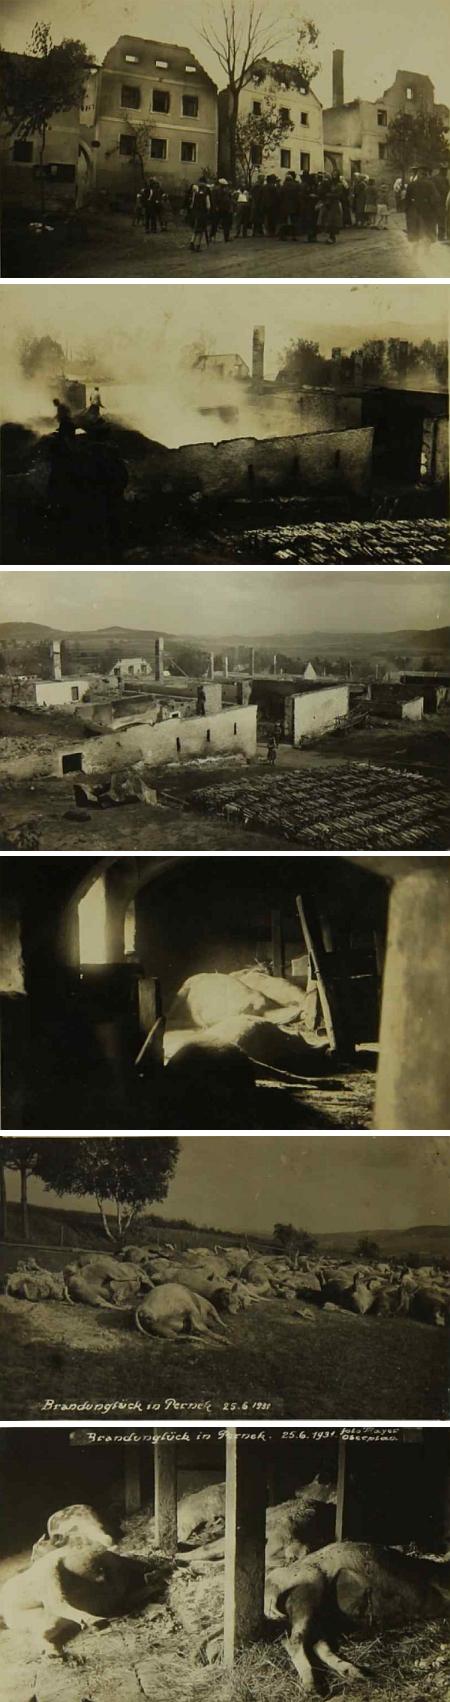 V roce 1931 Pernek vyhořel, dočkal se však obnovy